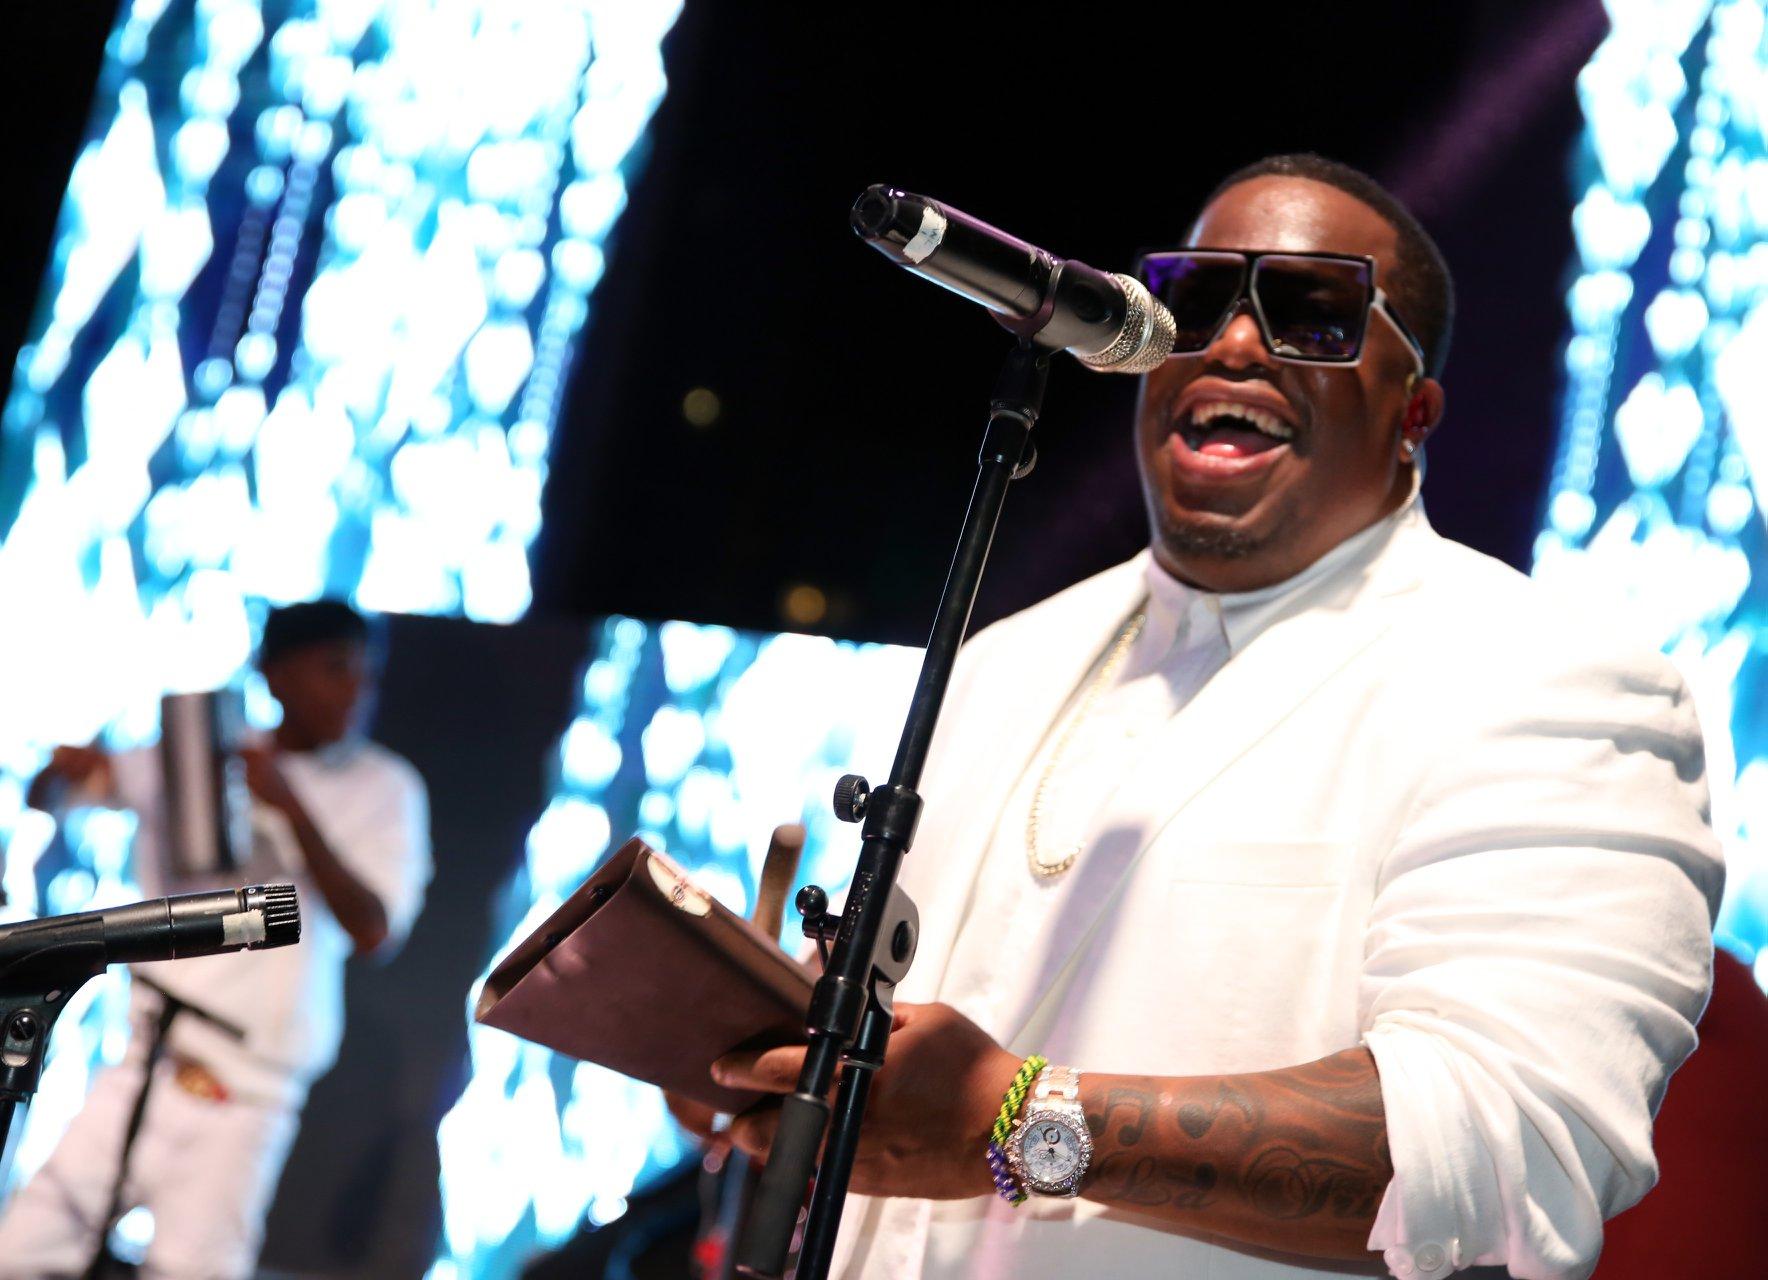 La Tribu de Abrante fue parte de las presentaciones especiales de la noche. También se escuchó la música de DJ Gandhi y desde los escenarios de la vida nocturna de Miami, Florida, DJ Iron Lyon. Suministradas